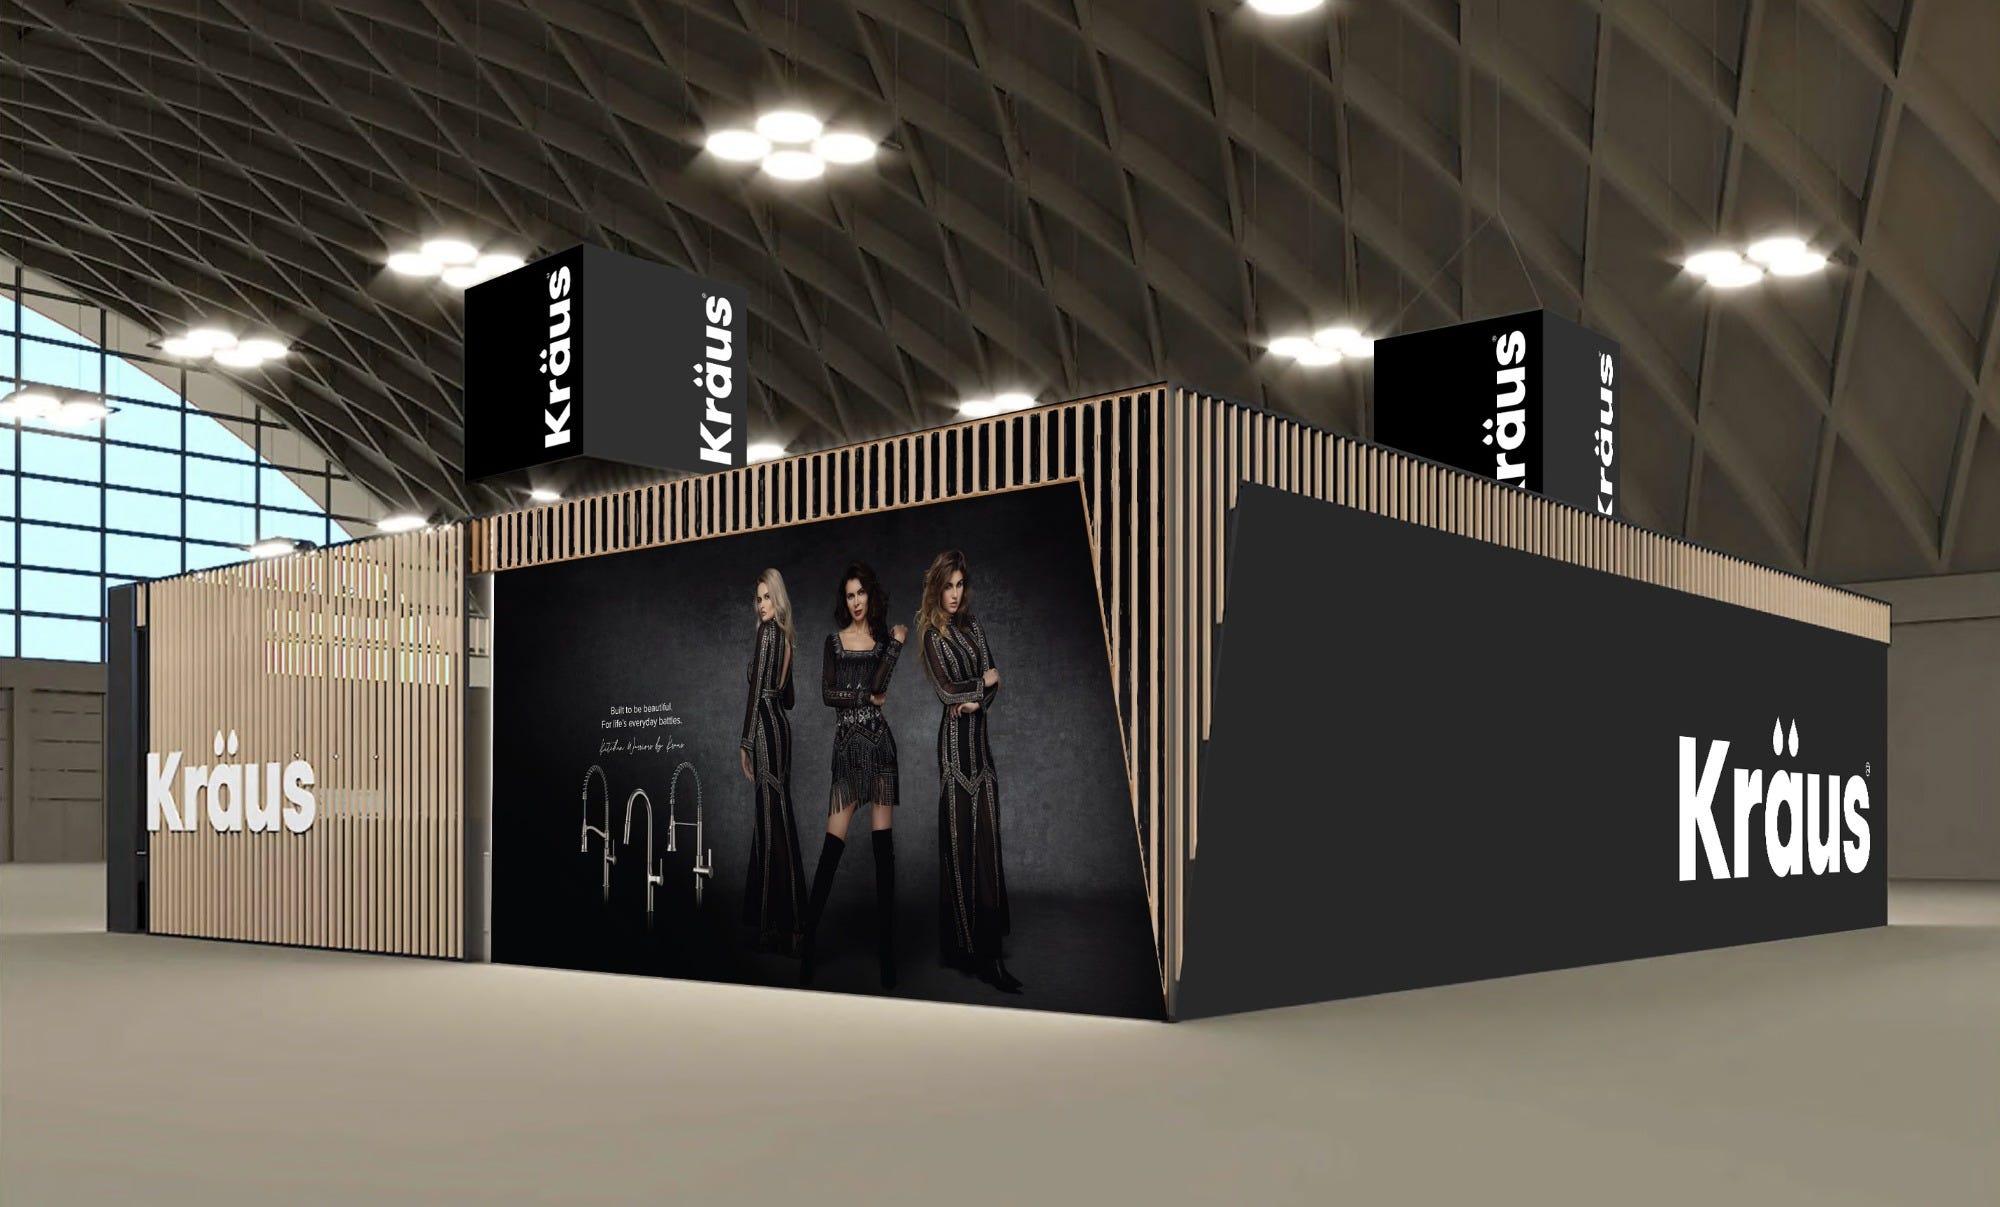 Kraus KBIS 2020 Booth